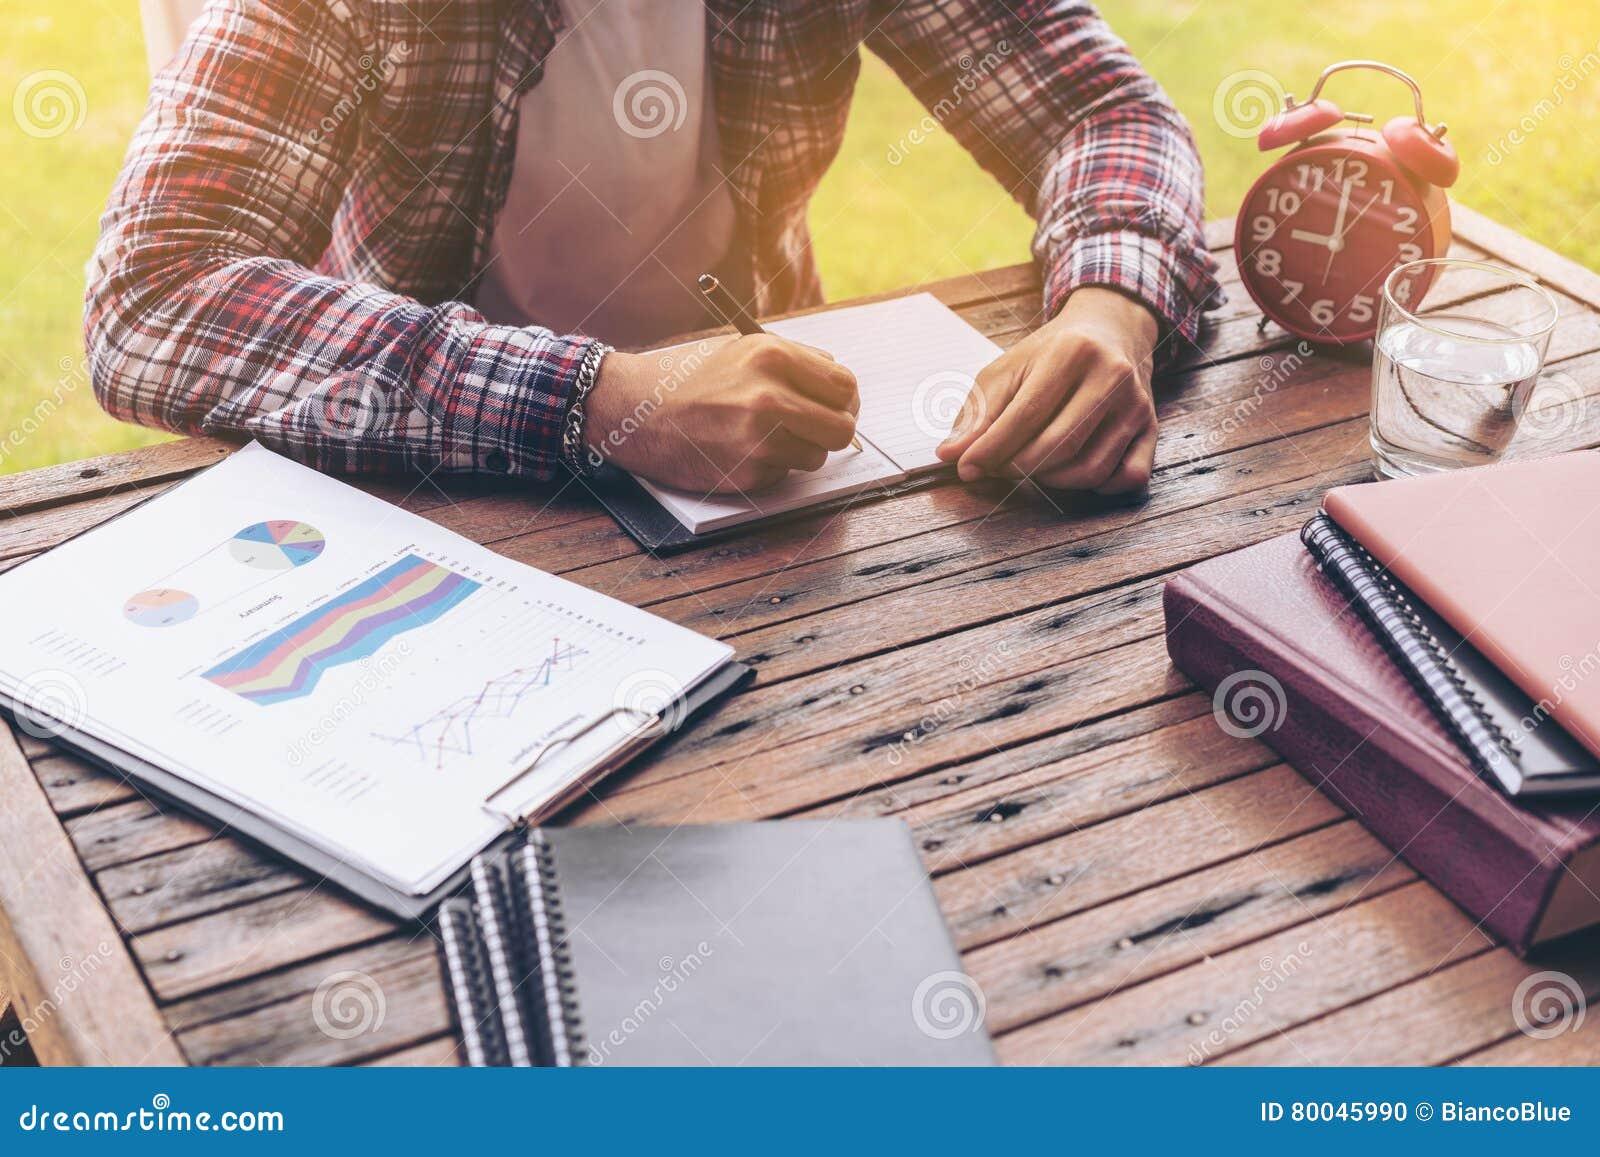 Biznesmen lub freelance pracować na biurku